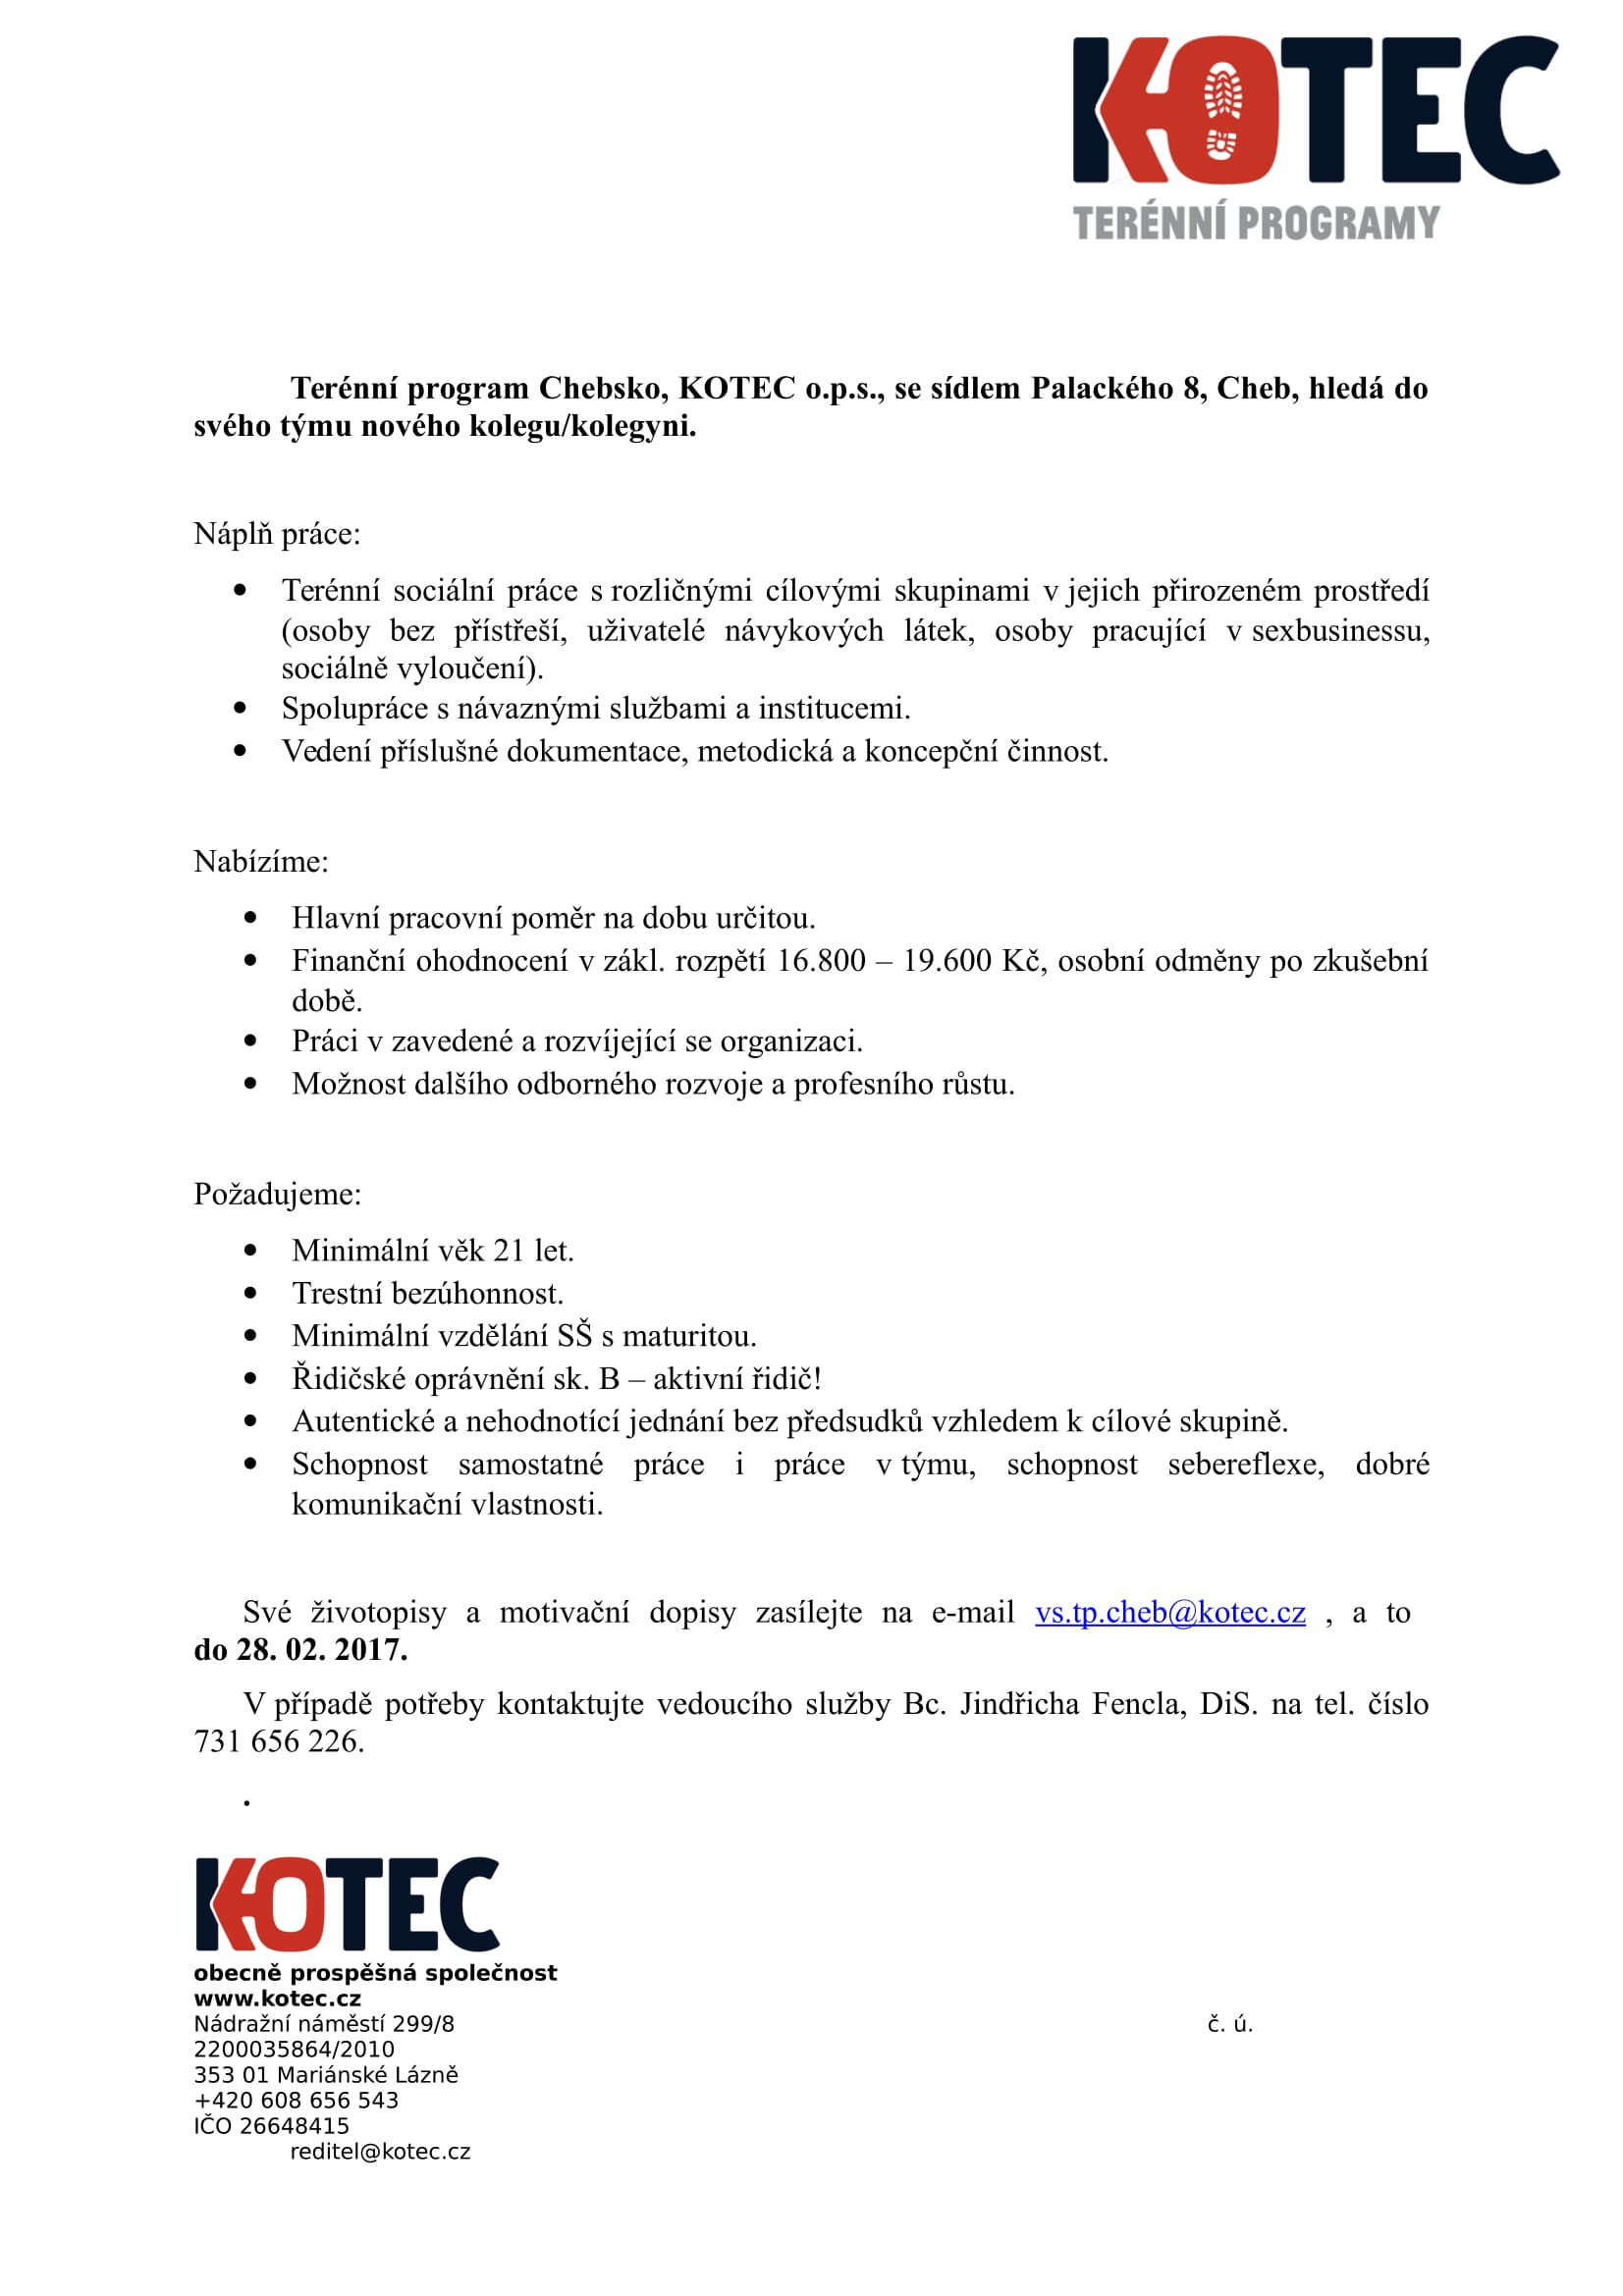 Inzerát - Výběrové řízení 2017 TP Chebsko, KOTEC o.p.s.-1